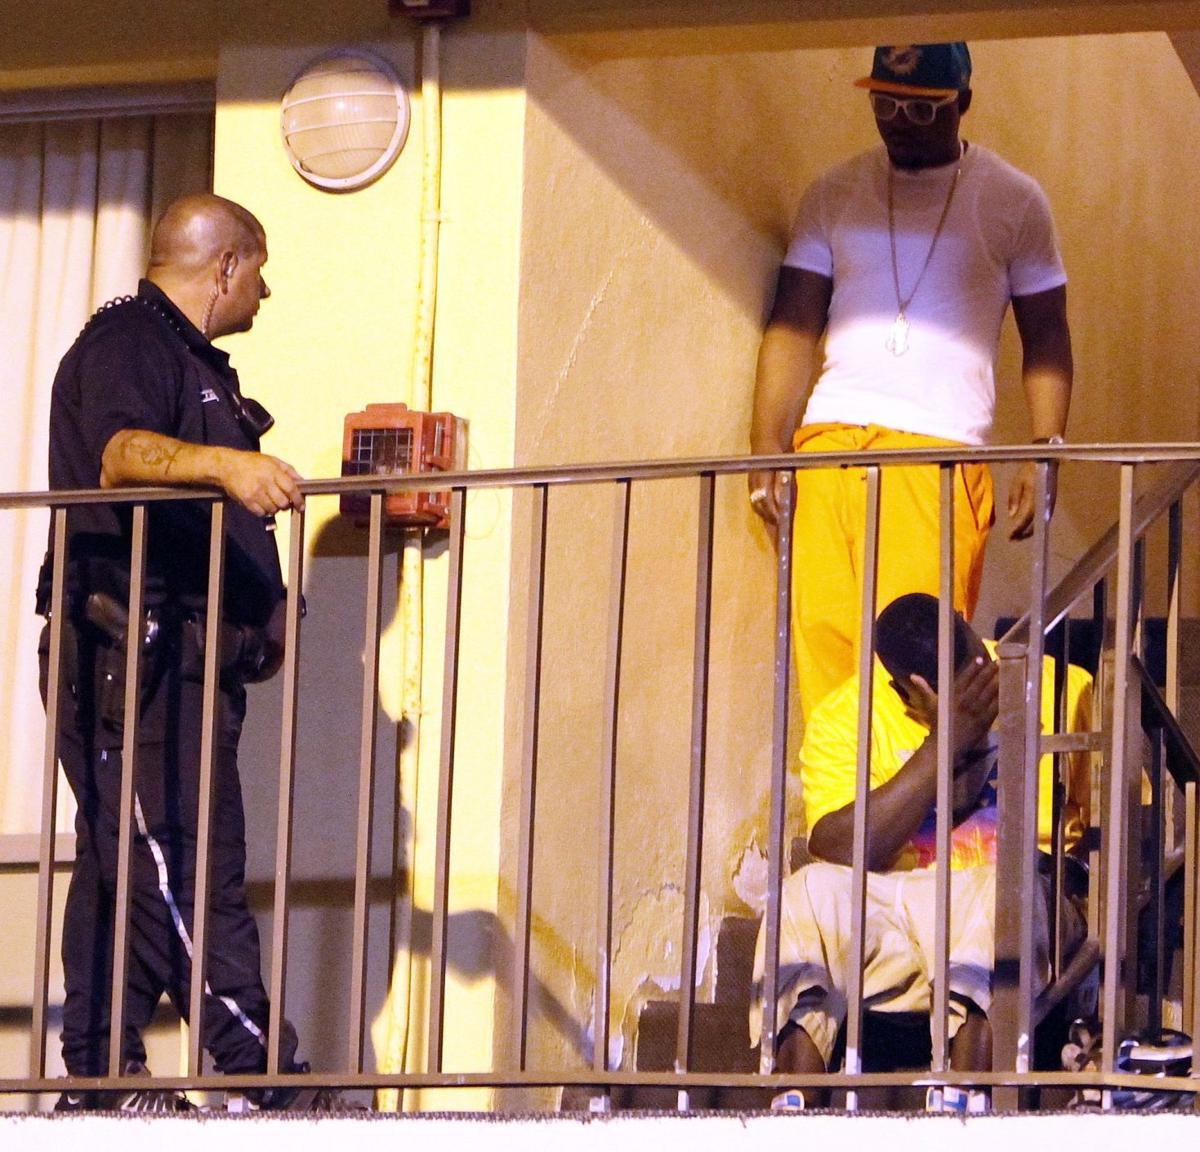 4 shootings in Myrtle Beach over holiday weekend